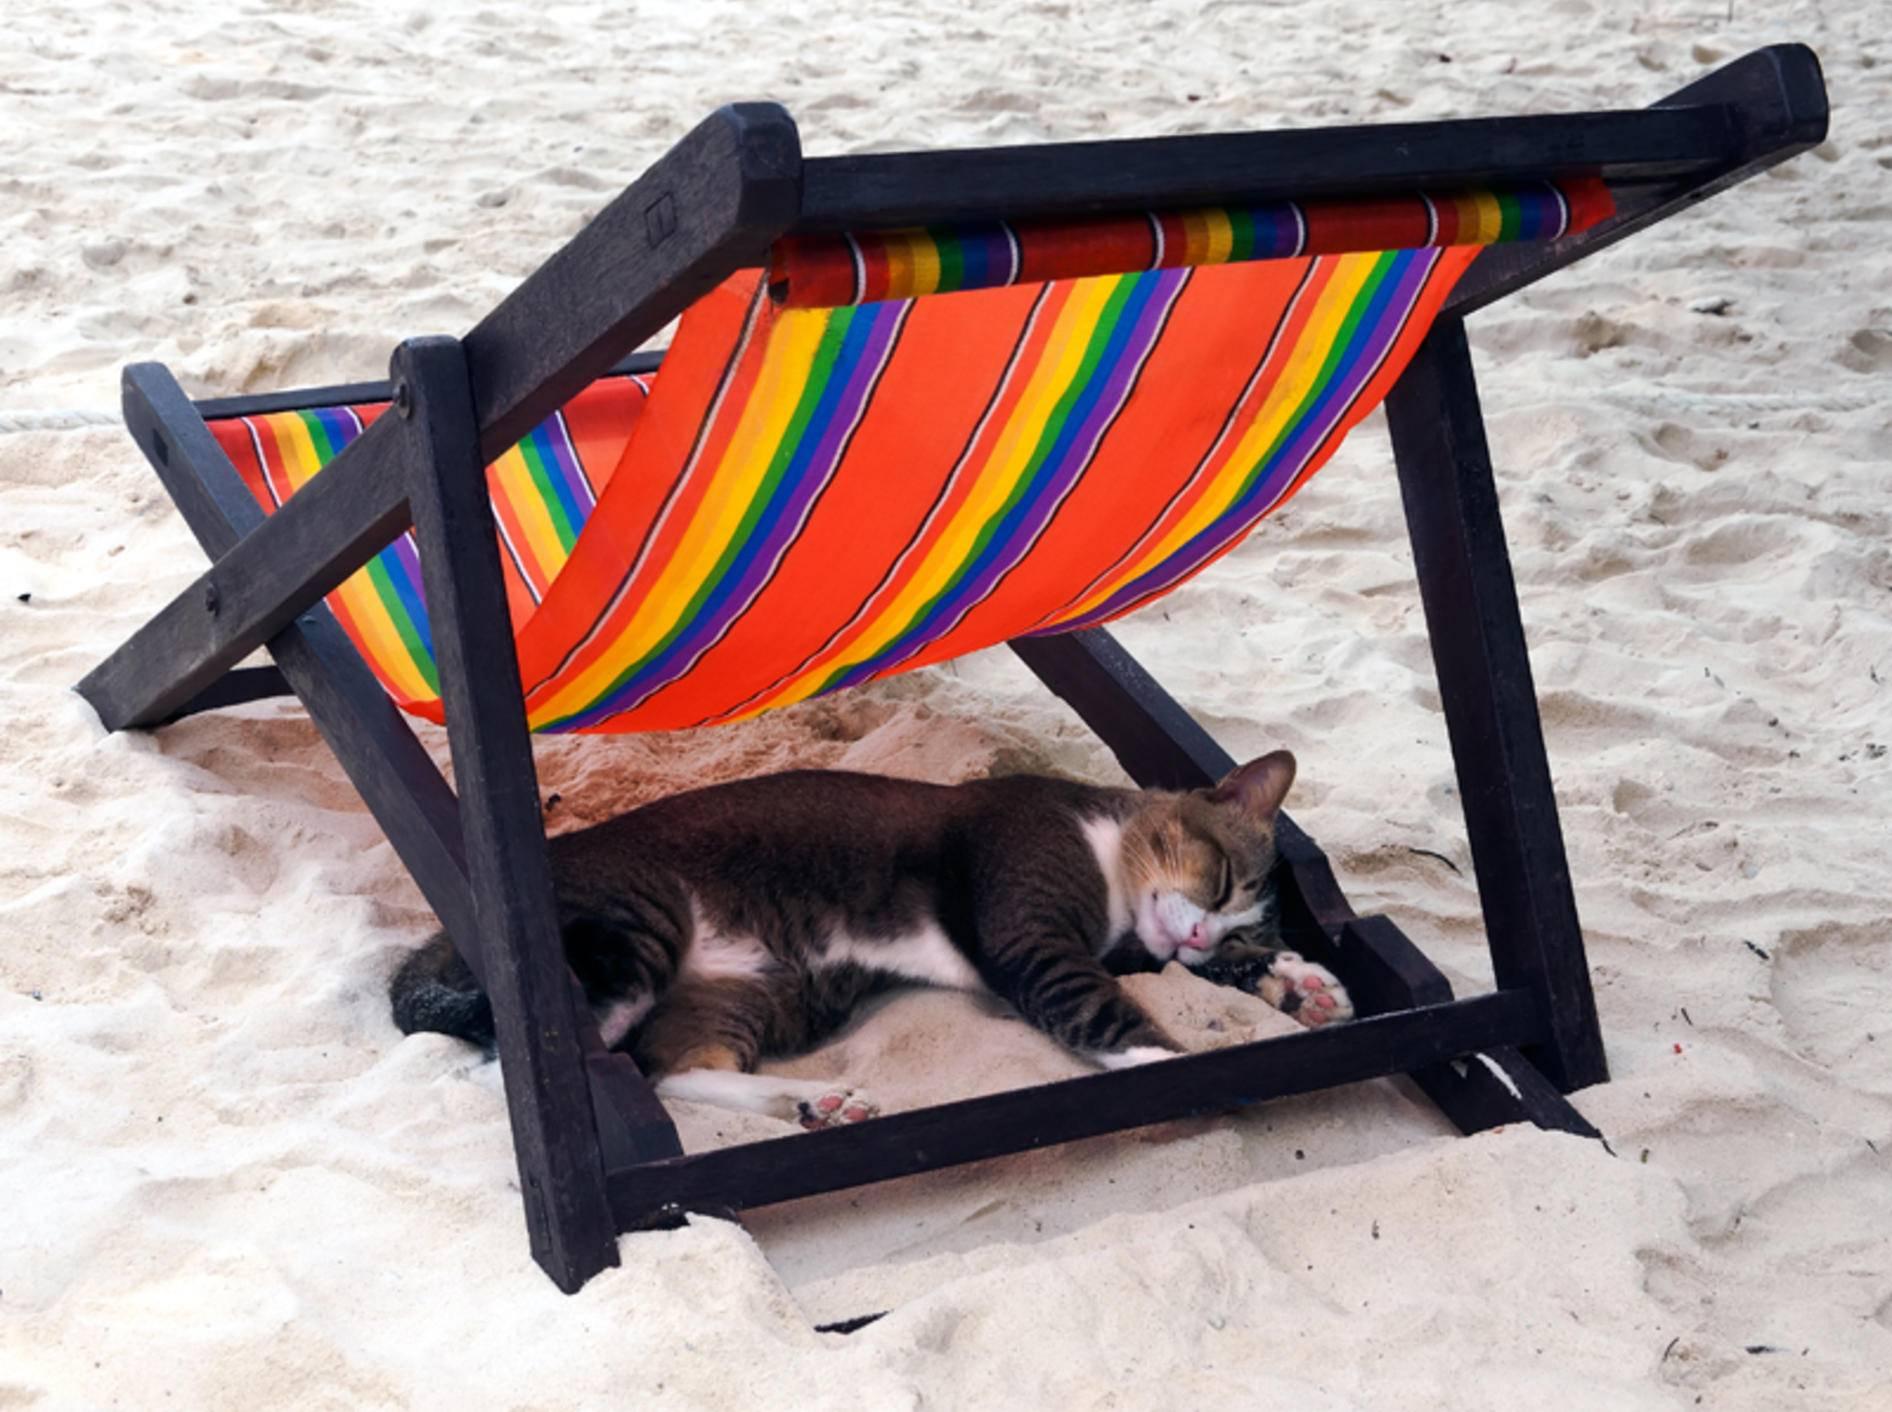 Urlaub mit Katze kann schön entspannend sein – Shutterstock / Papik